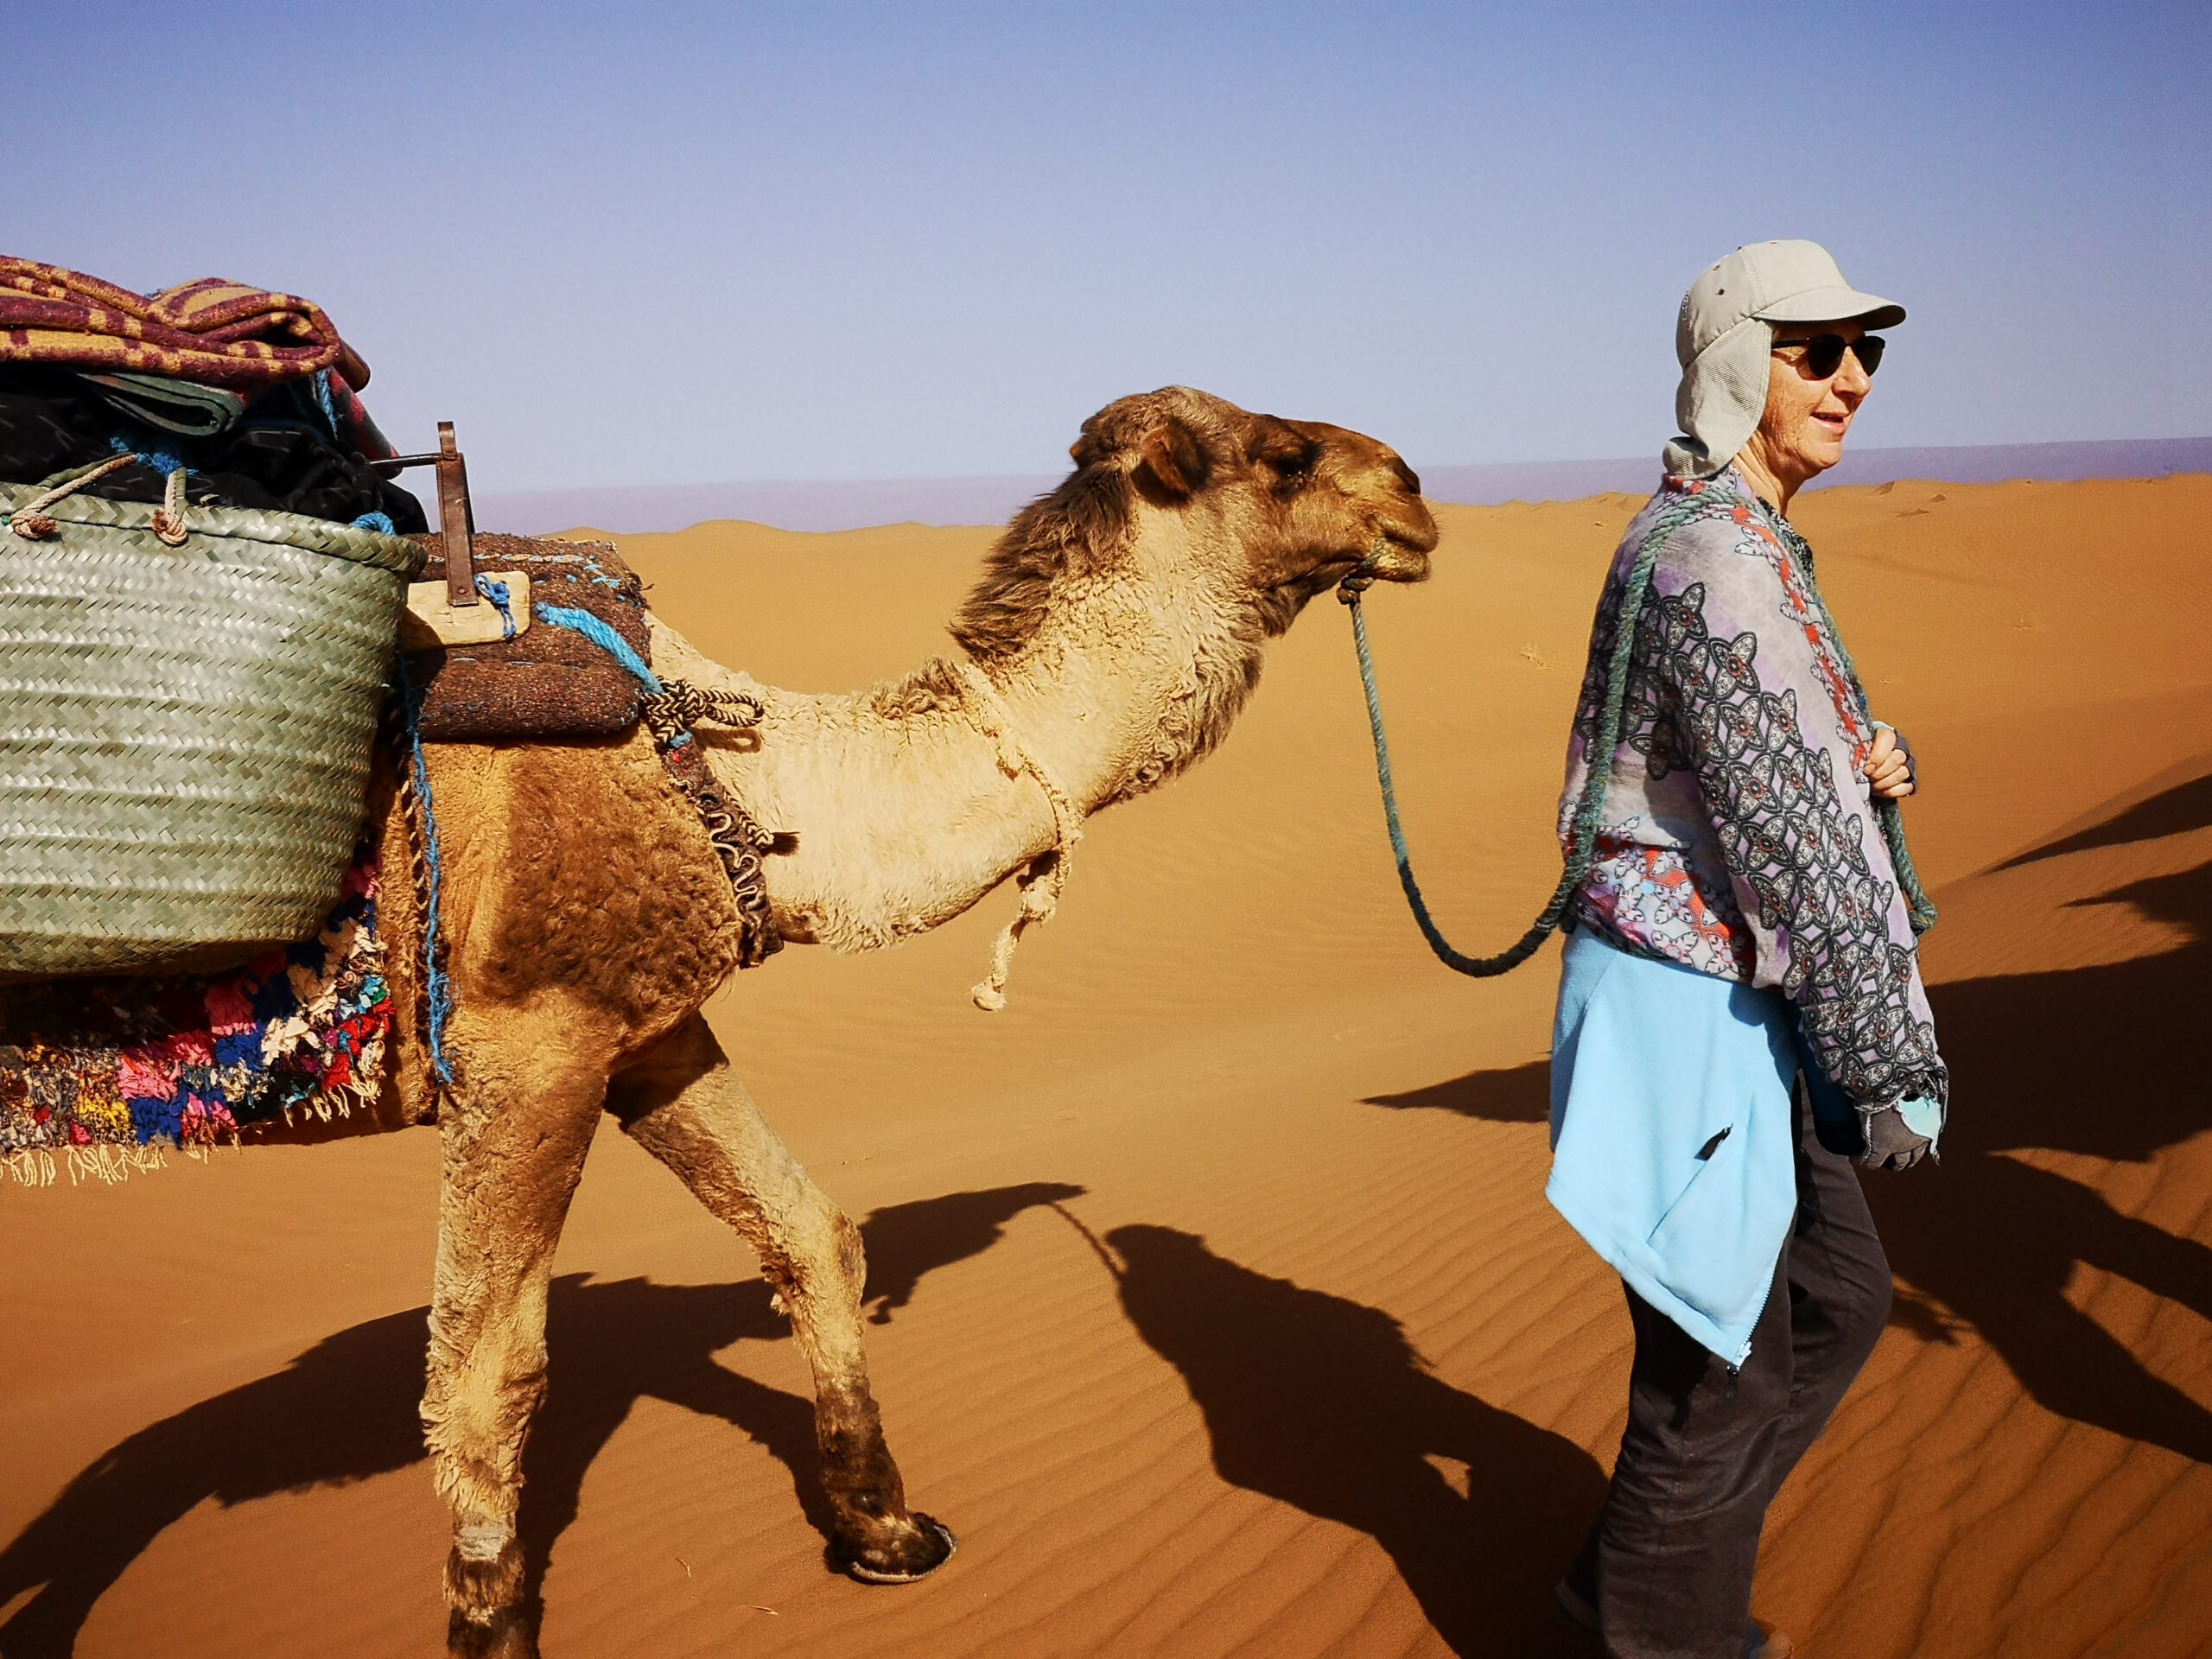 bezinningsreis woestijnretraite Sahara